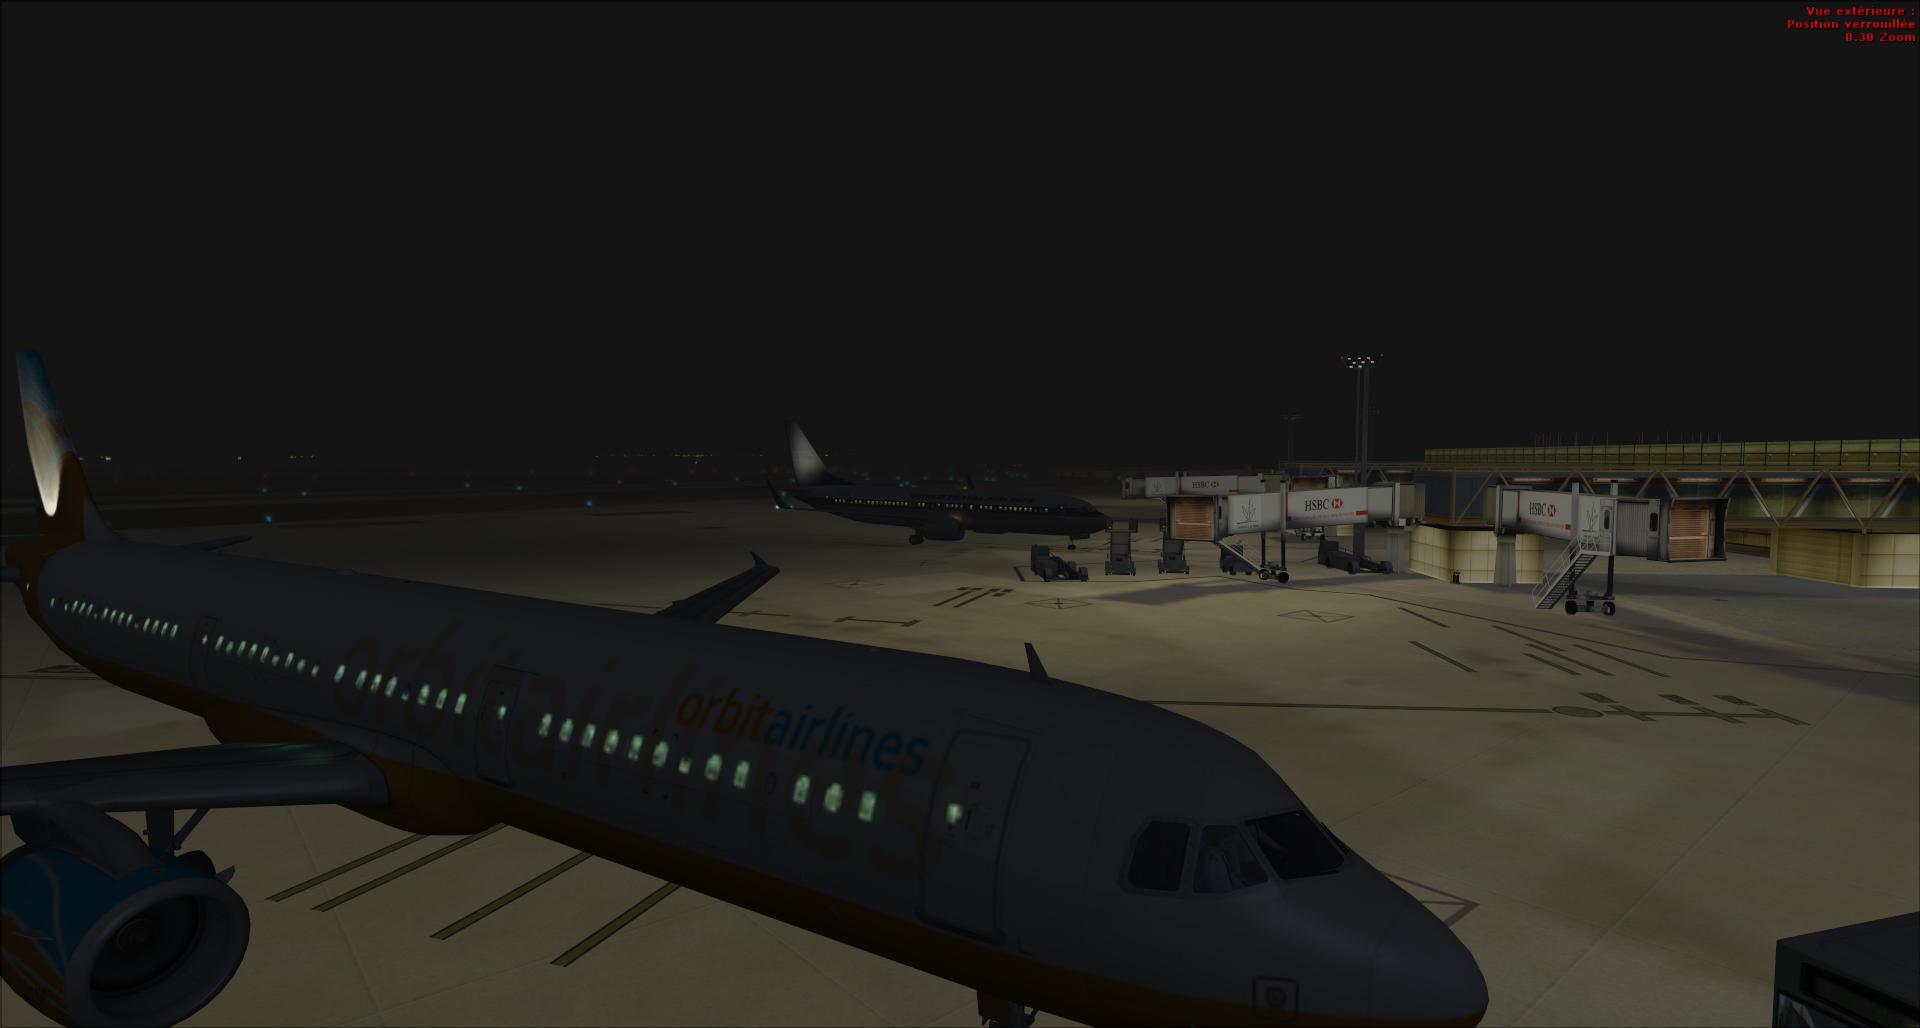 Rapport de vol: Atterrissage aux instruments 5401842014103120100293